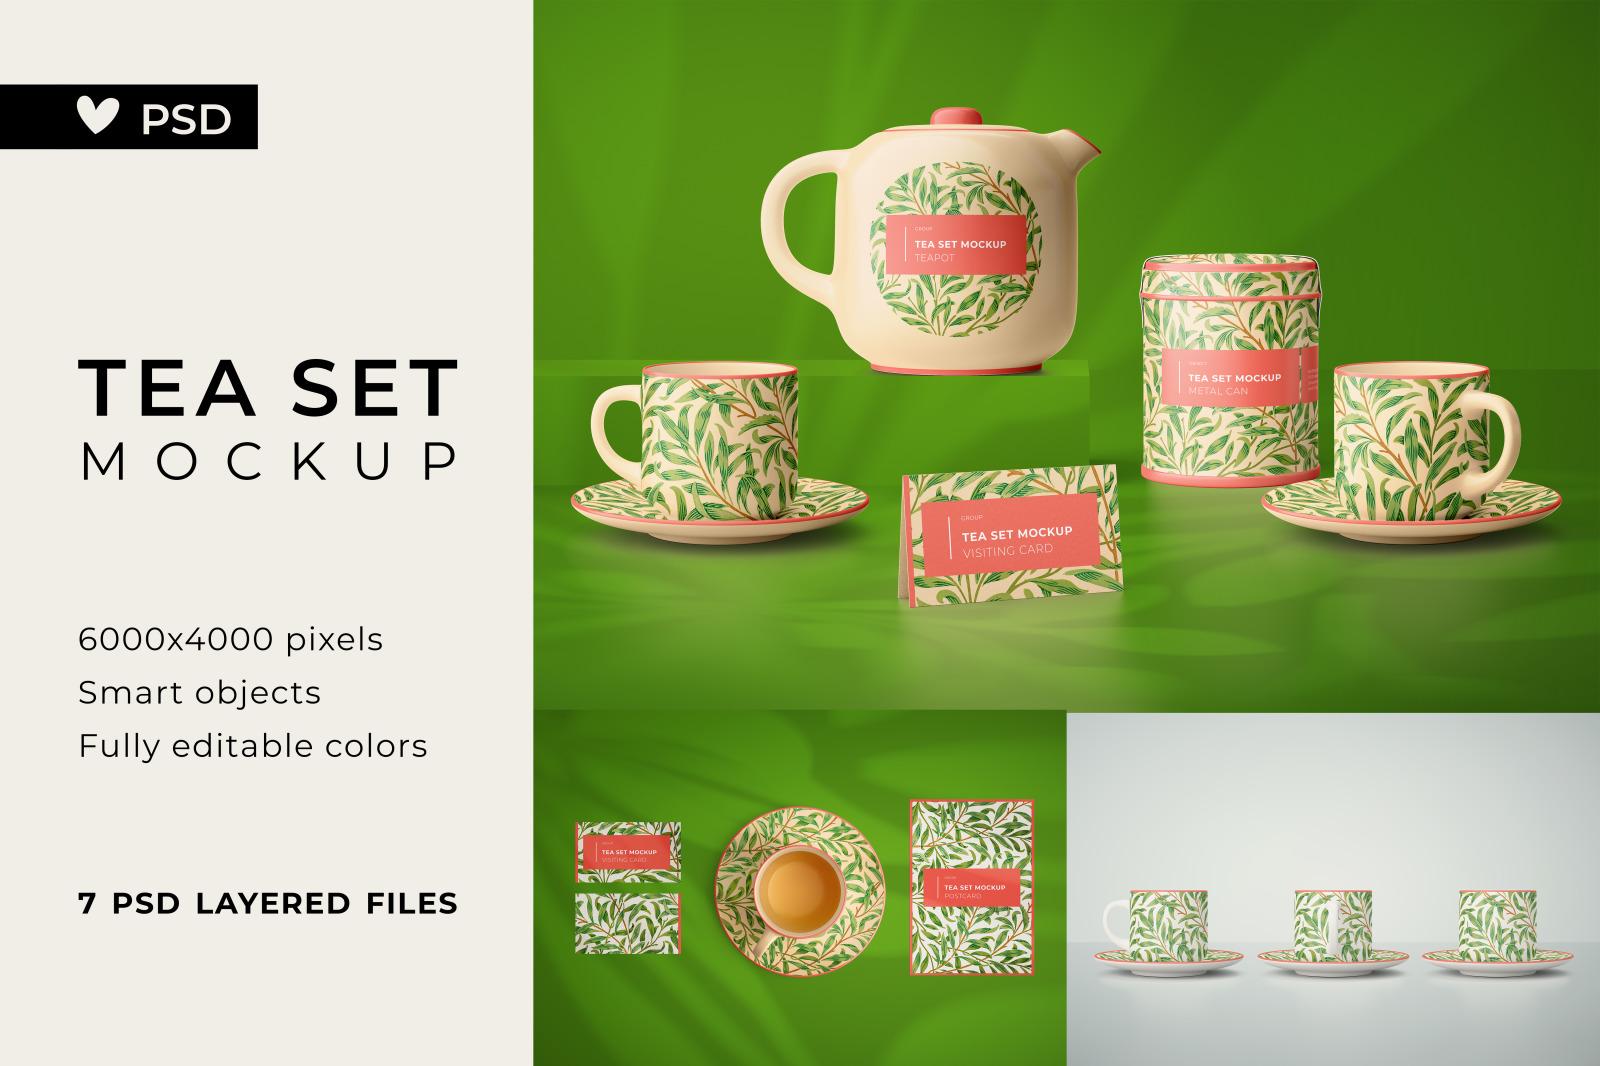 Tea set mockup